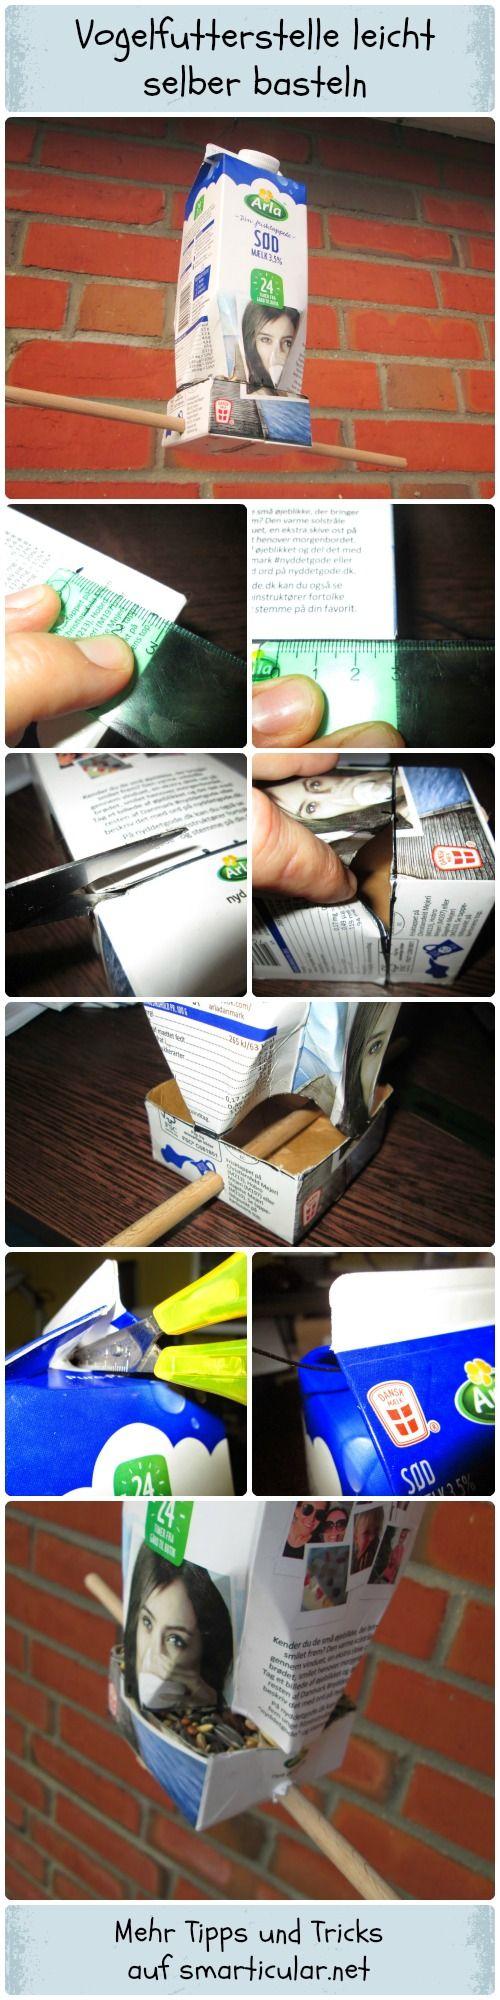 Ein Vogelhäuschen aus Milchkartons oder Saftkartons einfach selber basteln.  #Vögel #vogelhaus #tetrapak #smarticular